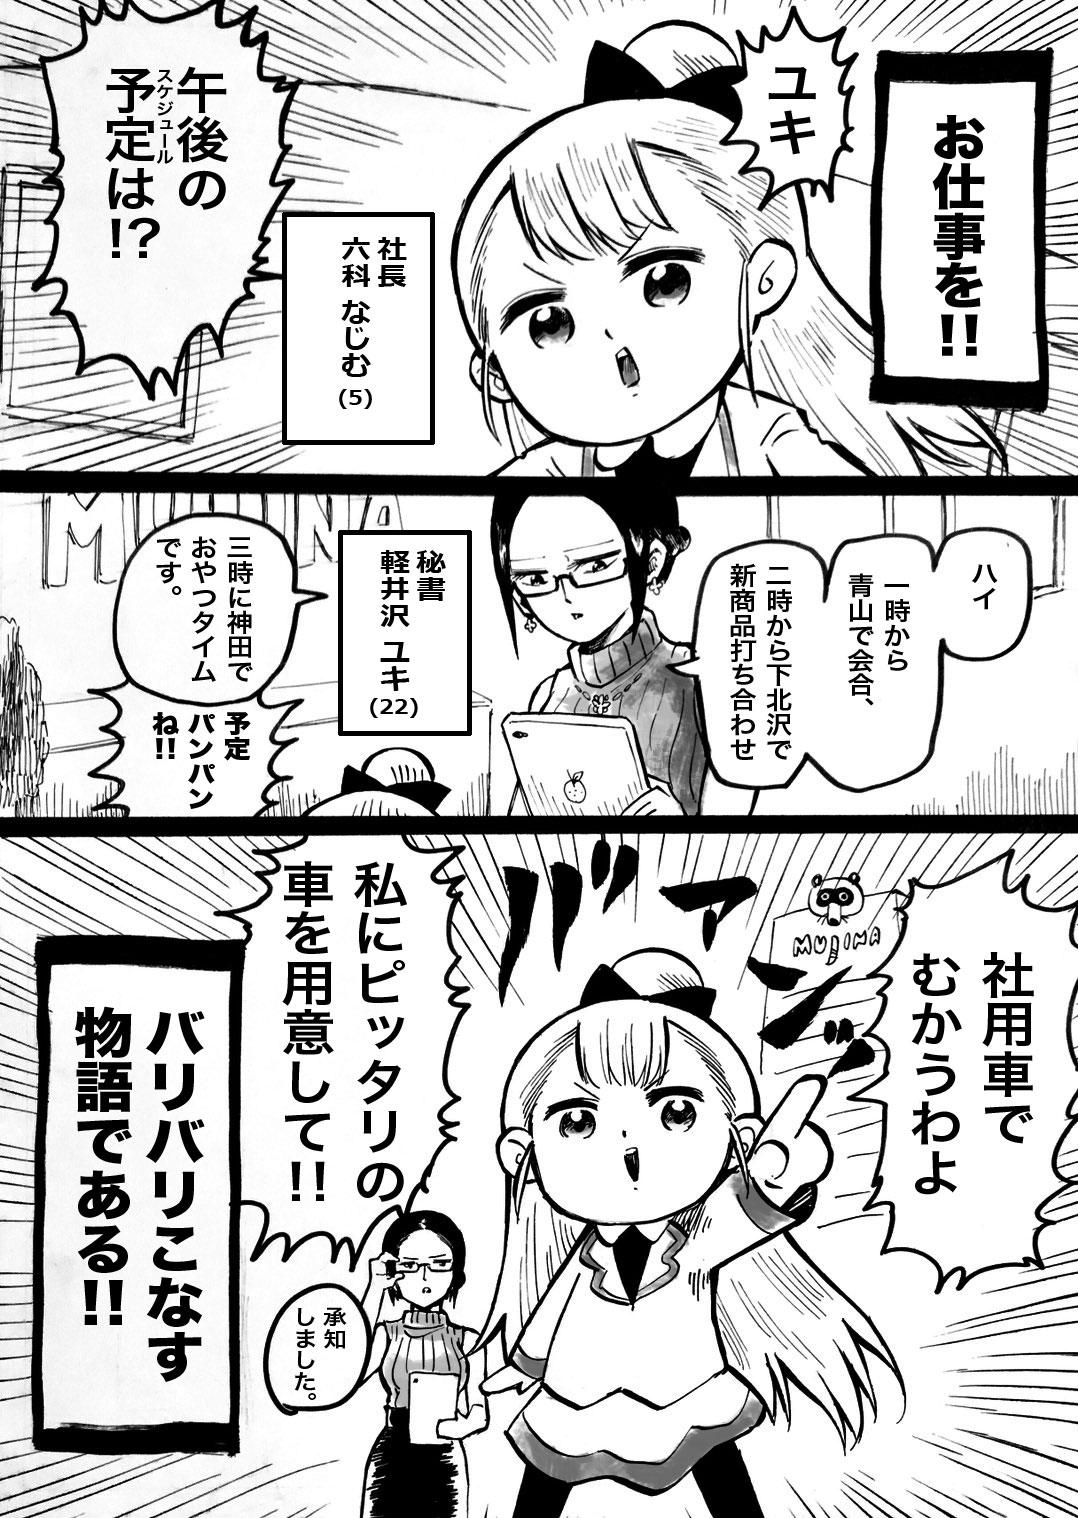 幼女社長1-2文字